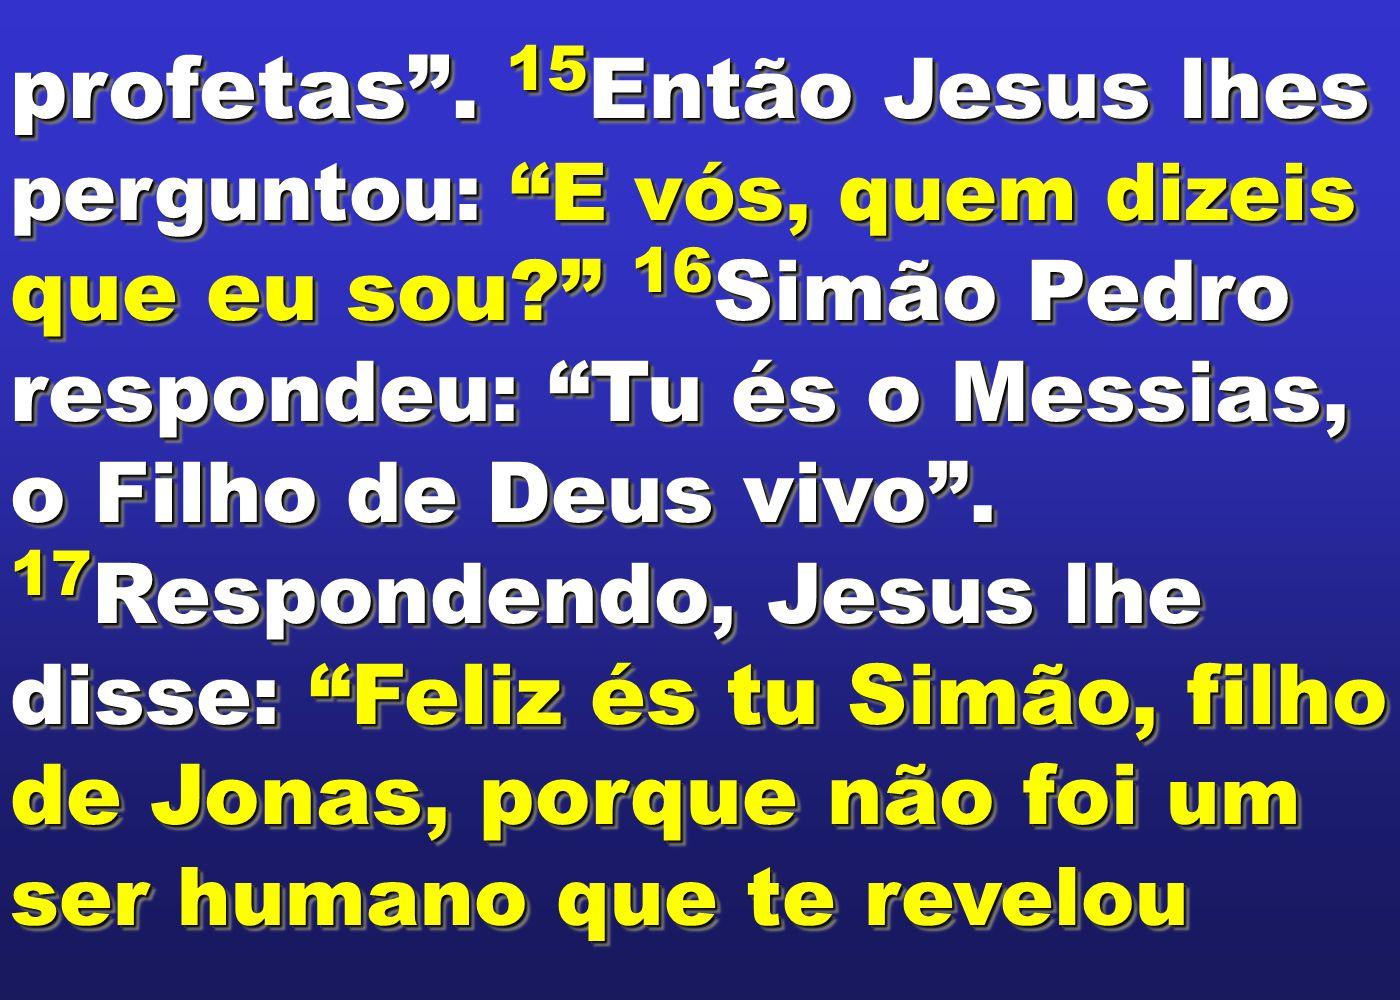 """profetas"""". 15 Então Jesus lhes perguntou: """"E vós, quem dizeis que eu sou?"""" 16 Simão Pedro respondeu: """"Tu és o Messias, o Filho de Deus vivo"""". 17 Respo"""